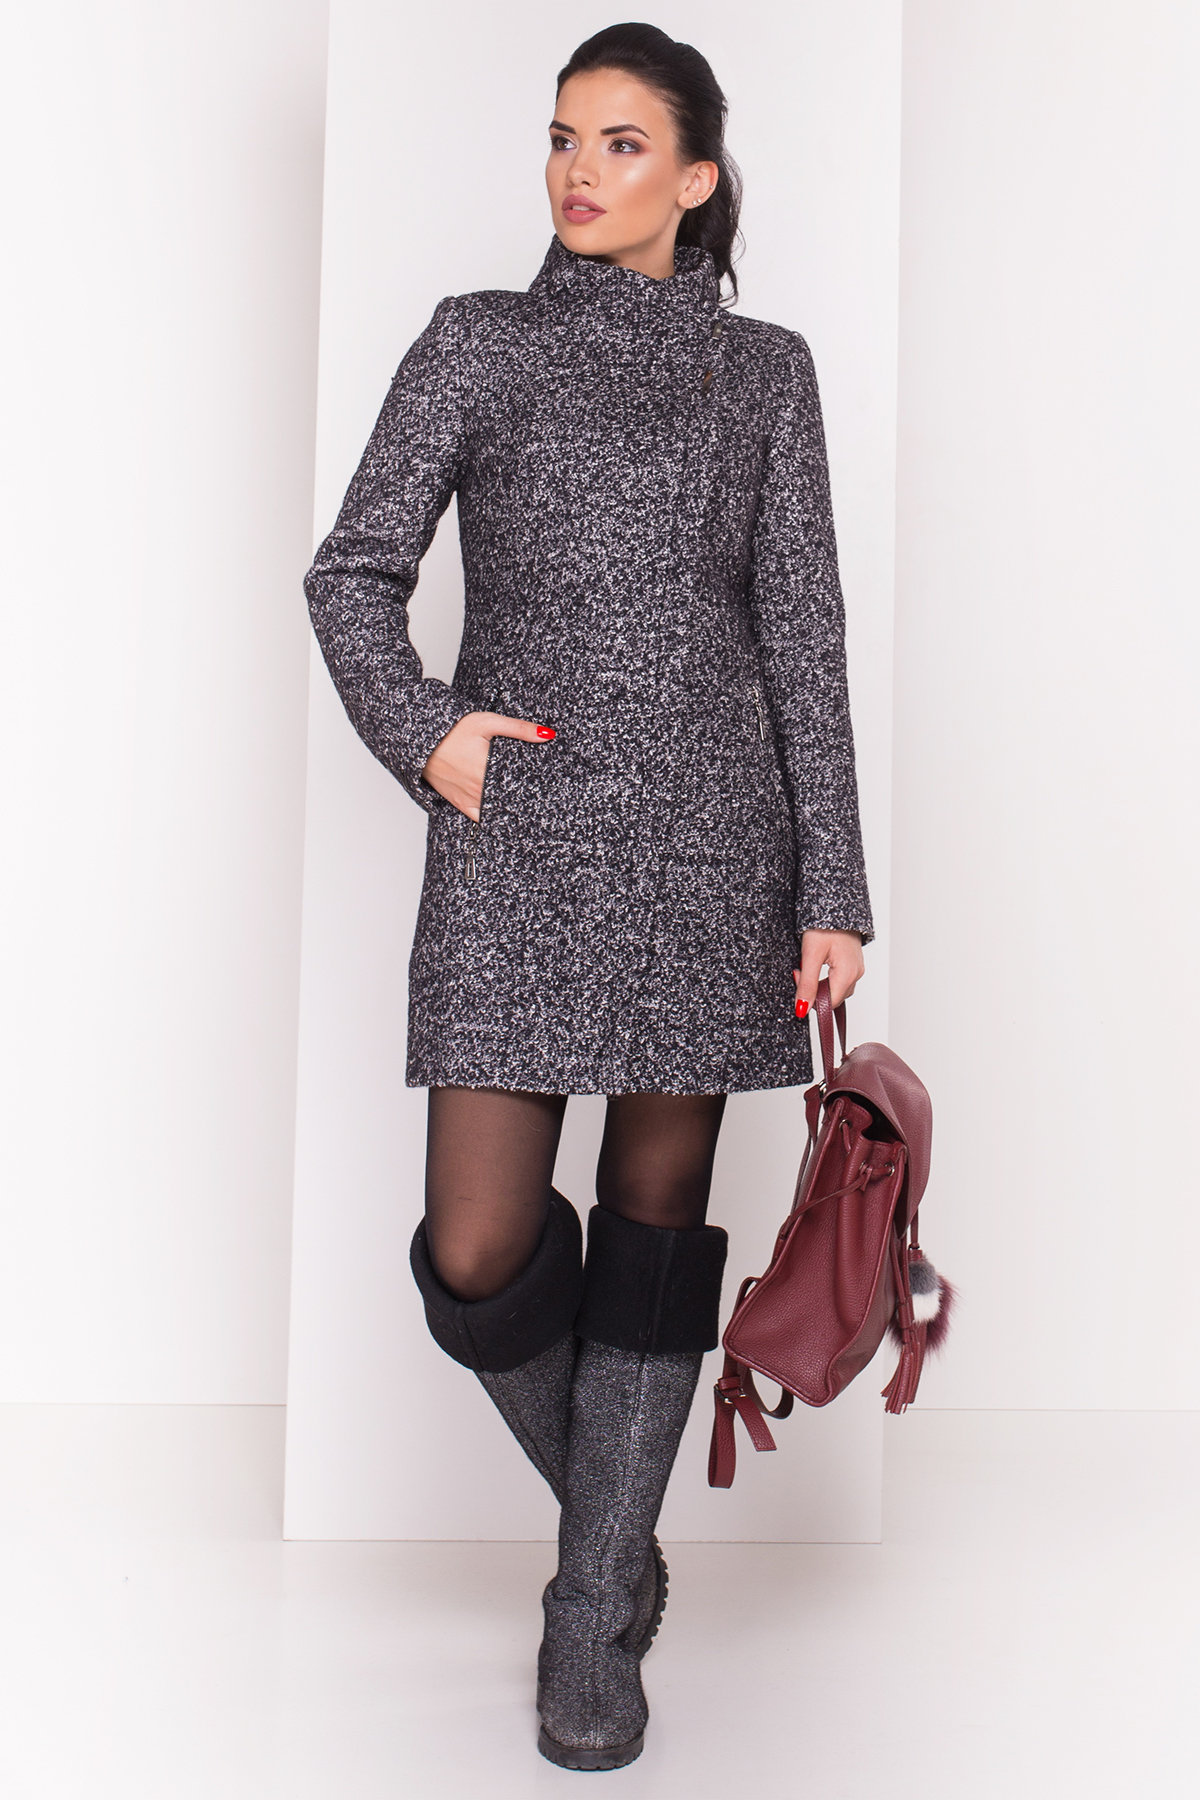 Пальто зима Эльпассо 3681 АРТ. 19191 Цвет: Черный/серый - фото 2, интернет магазин tm-modus.ru